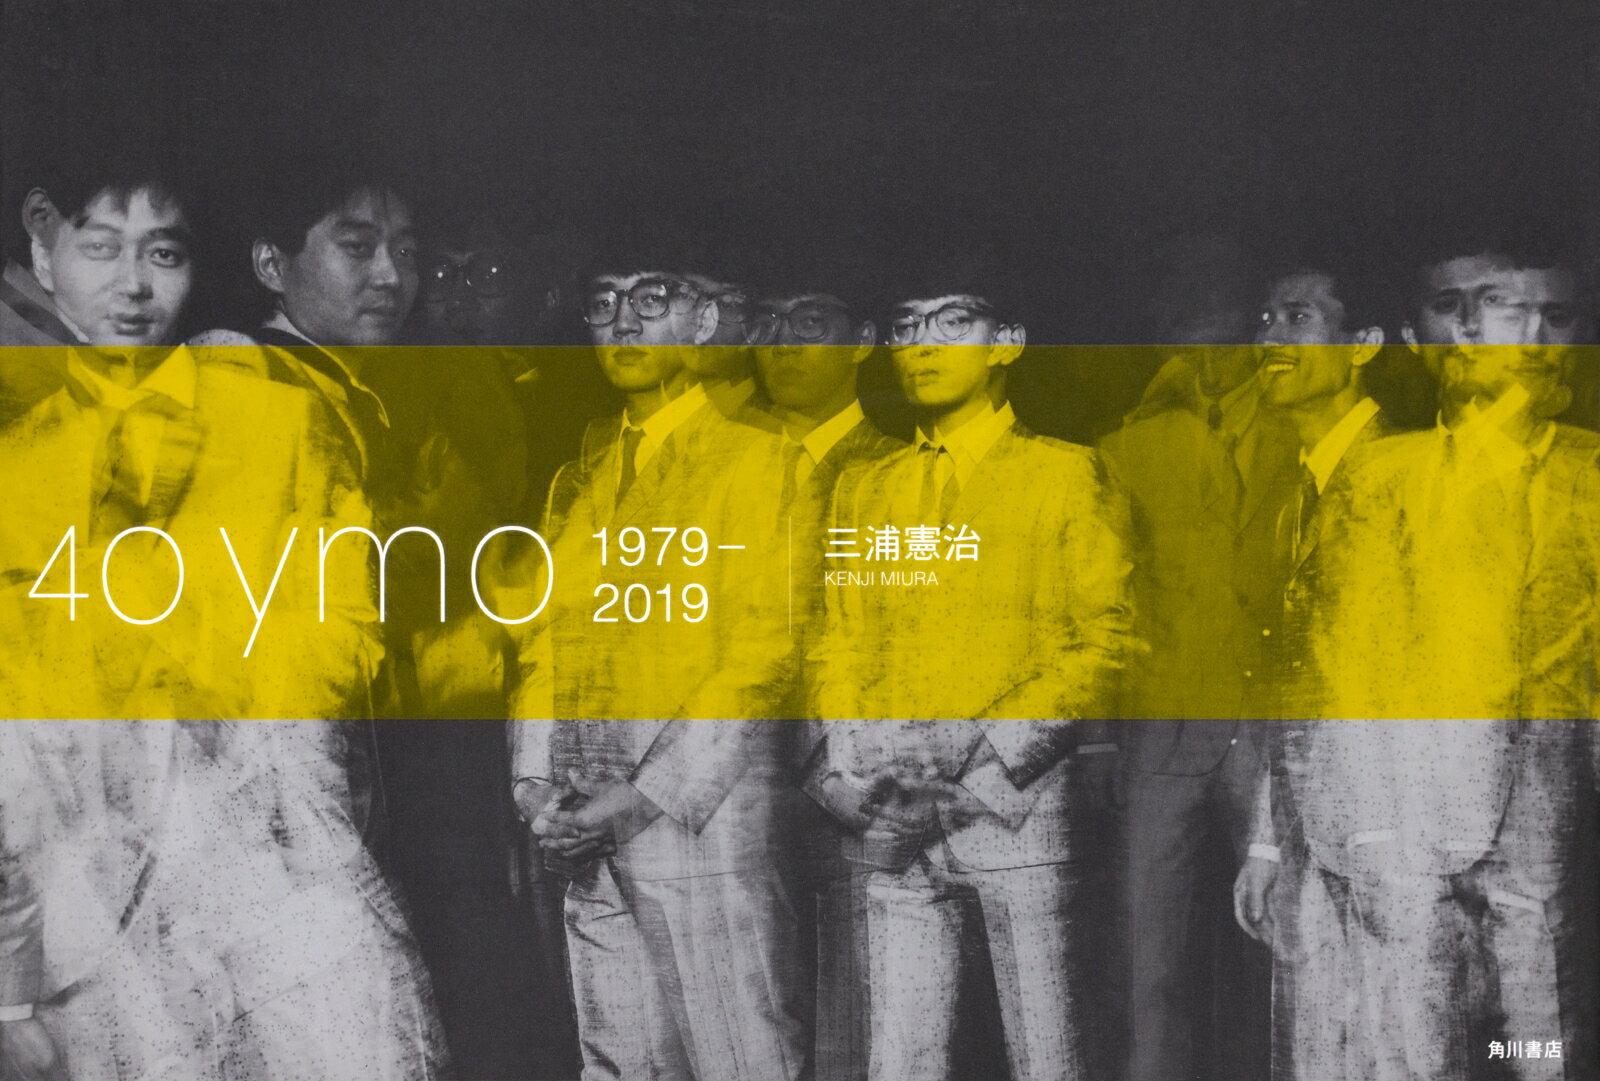 40 ymo 1979-2019